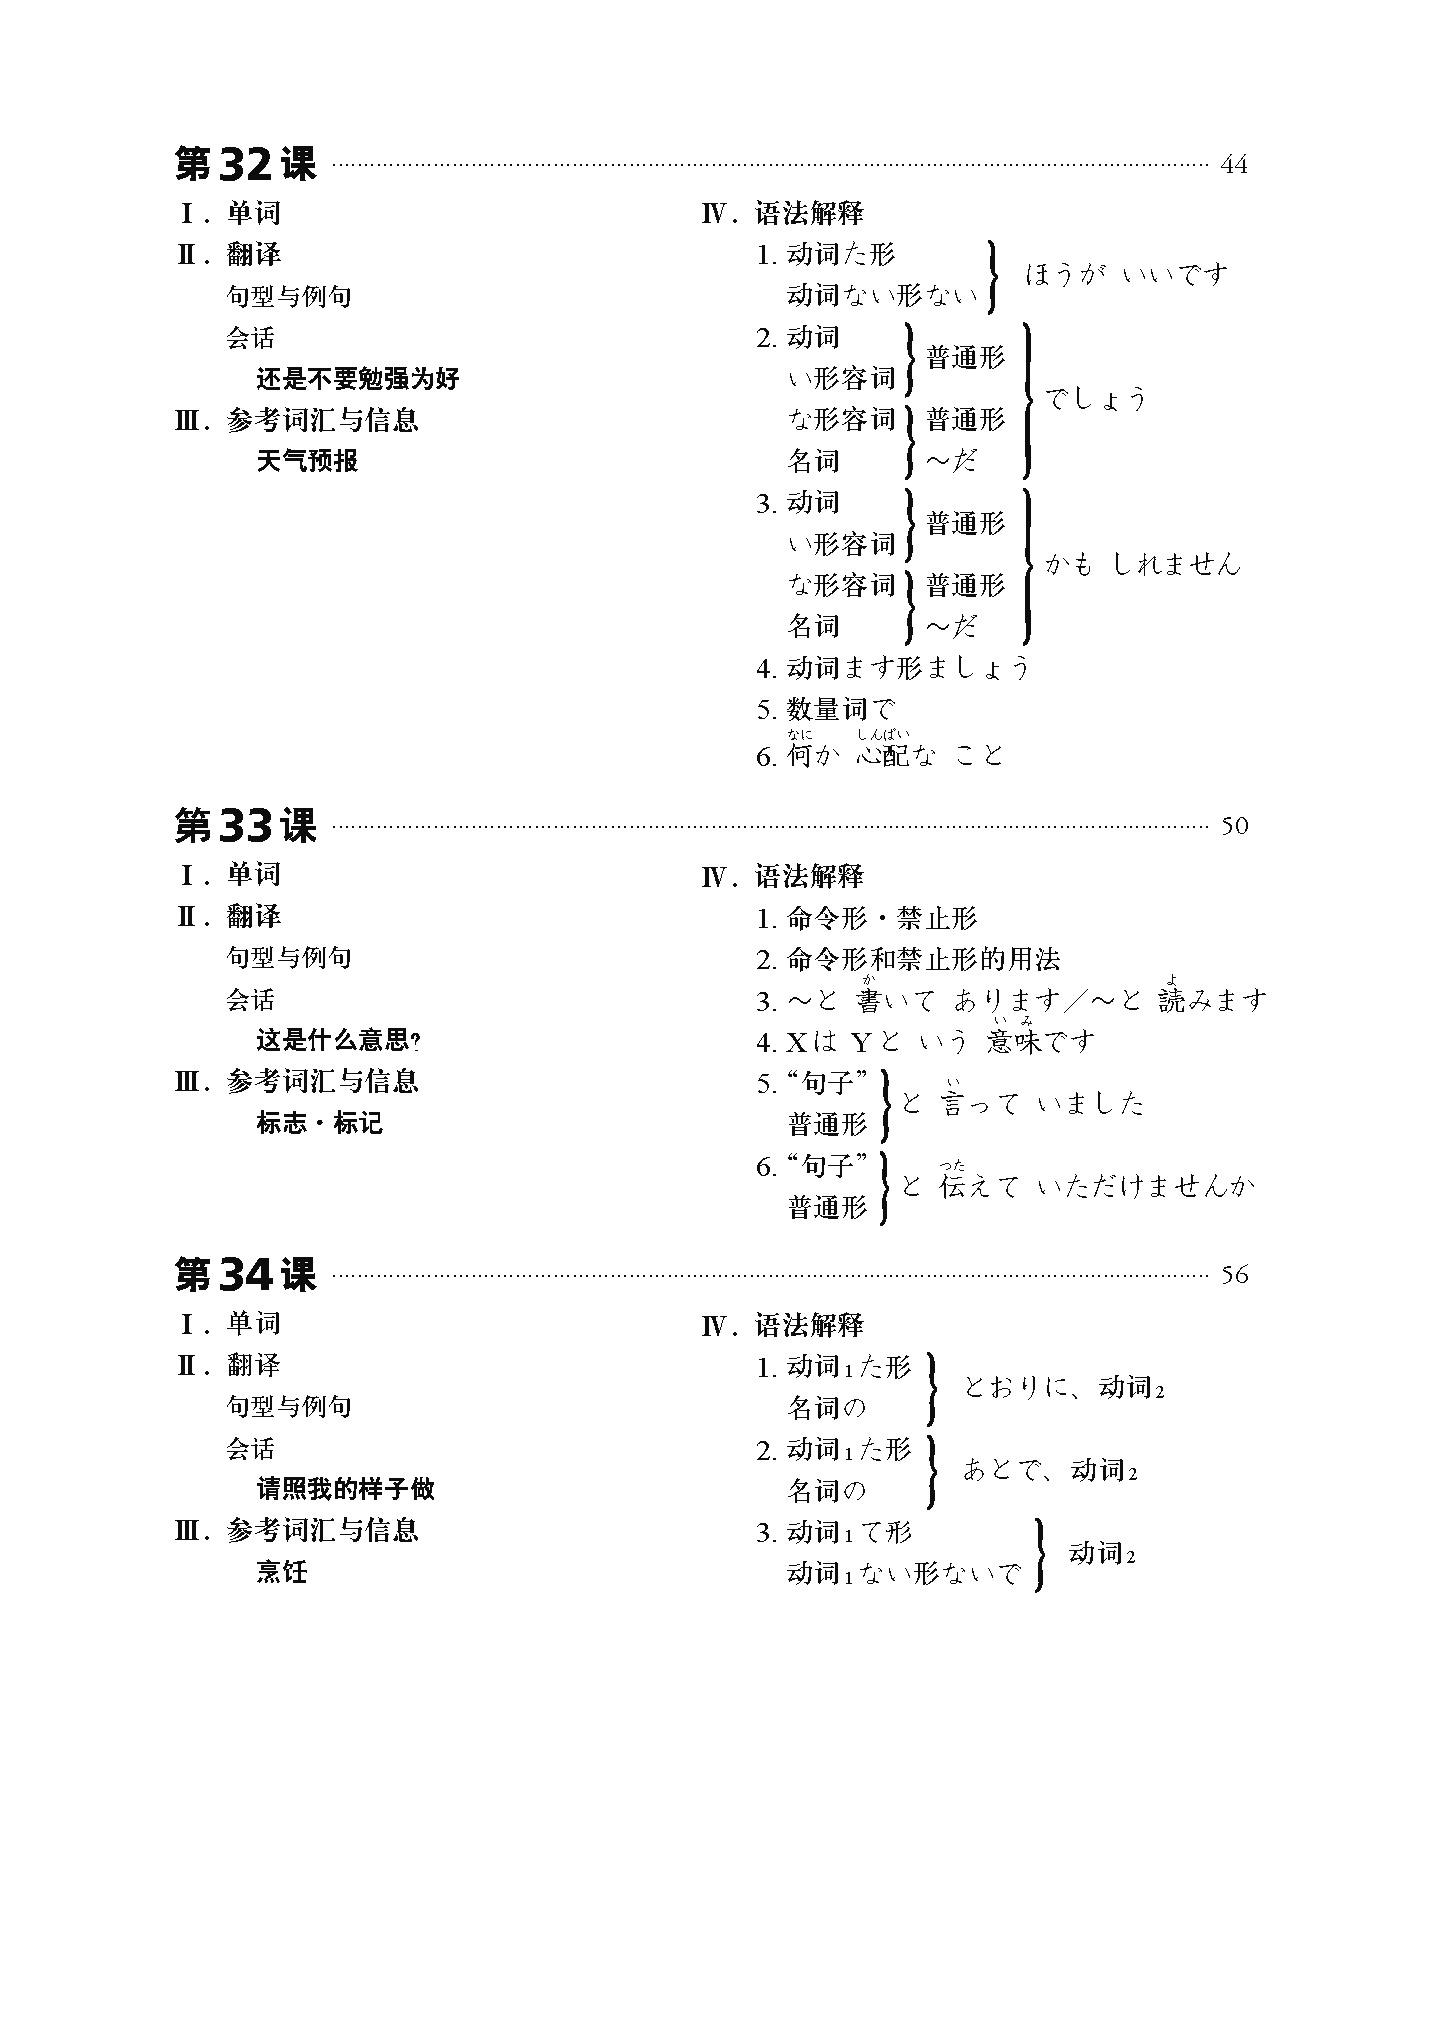 日本 語 初級 みんなの みんなの日本語 初級